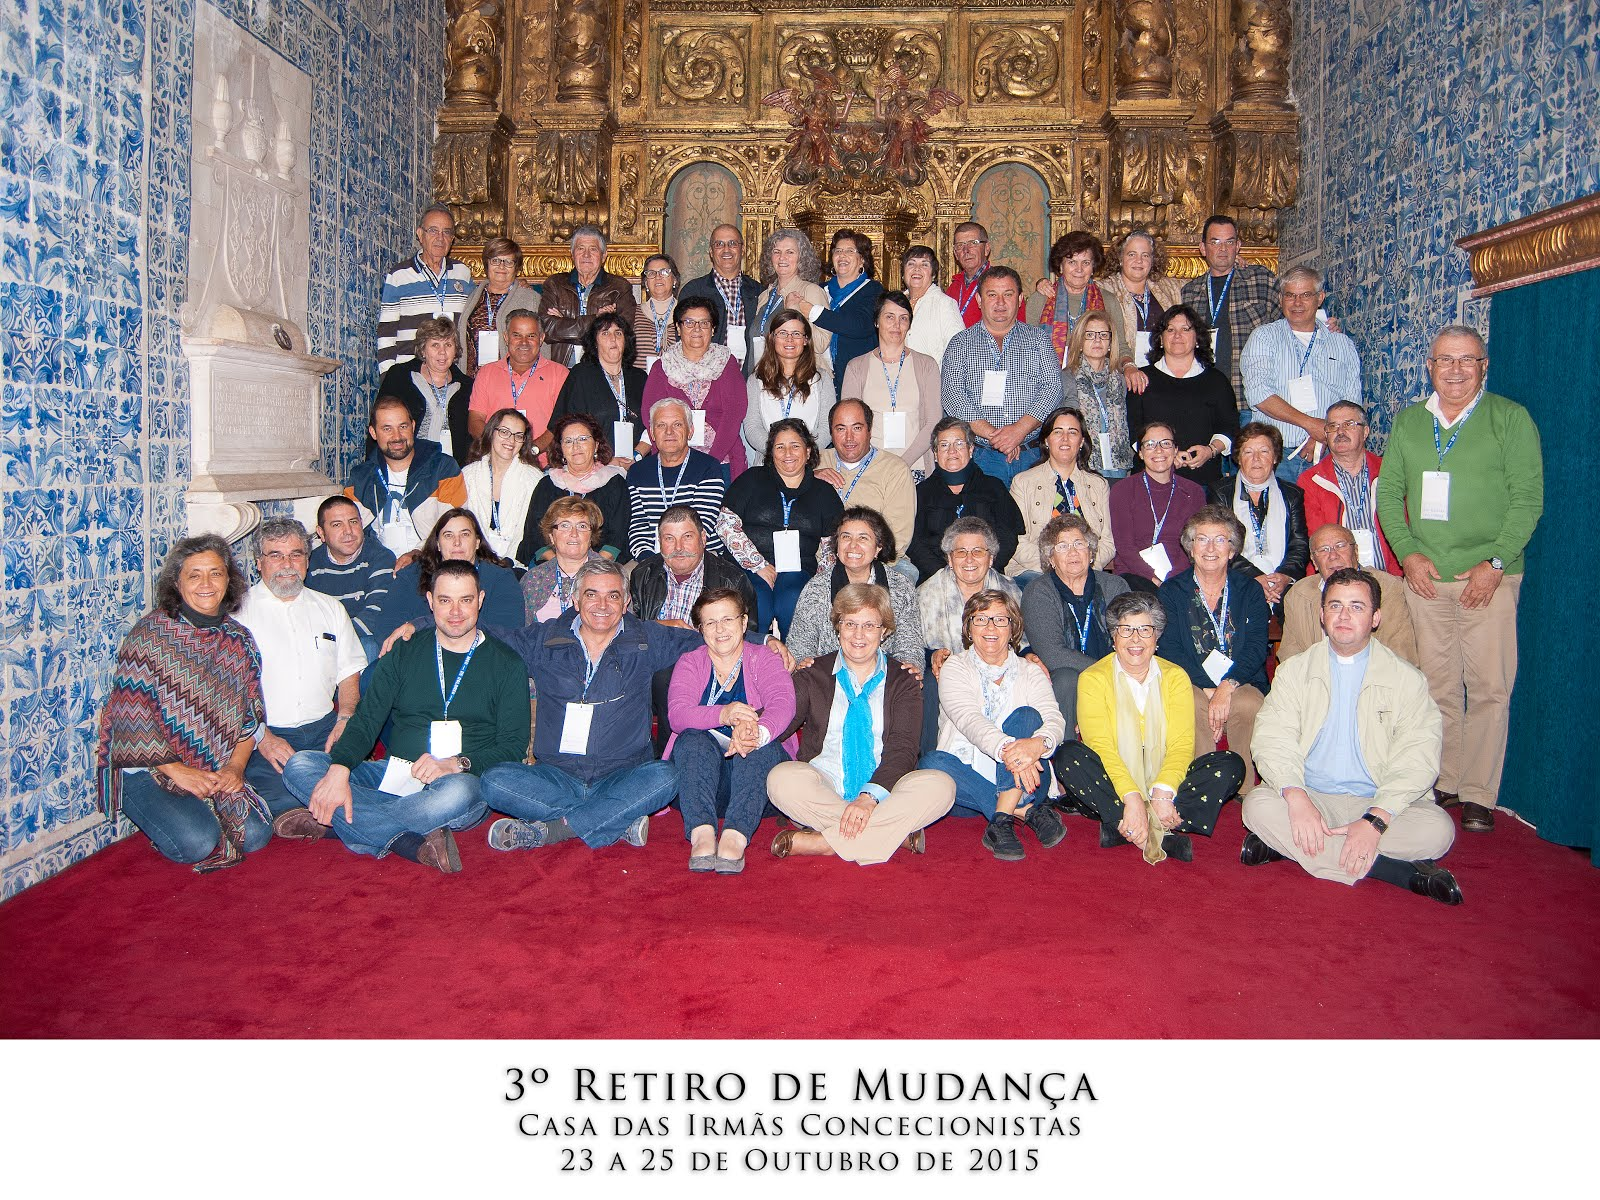 RETIRO DE MUDANÇA - 2015/10/23a25